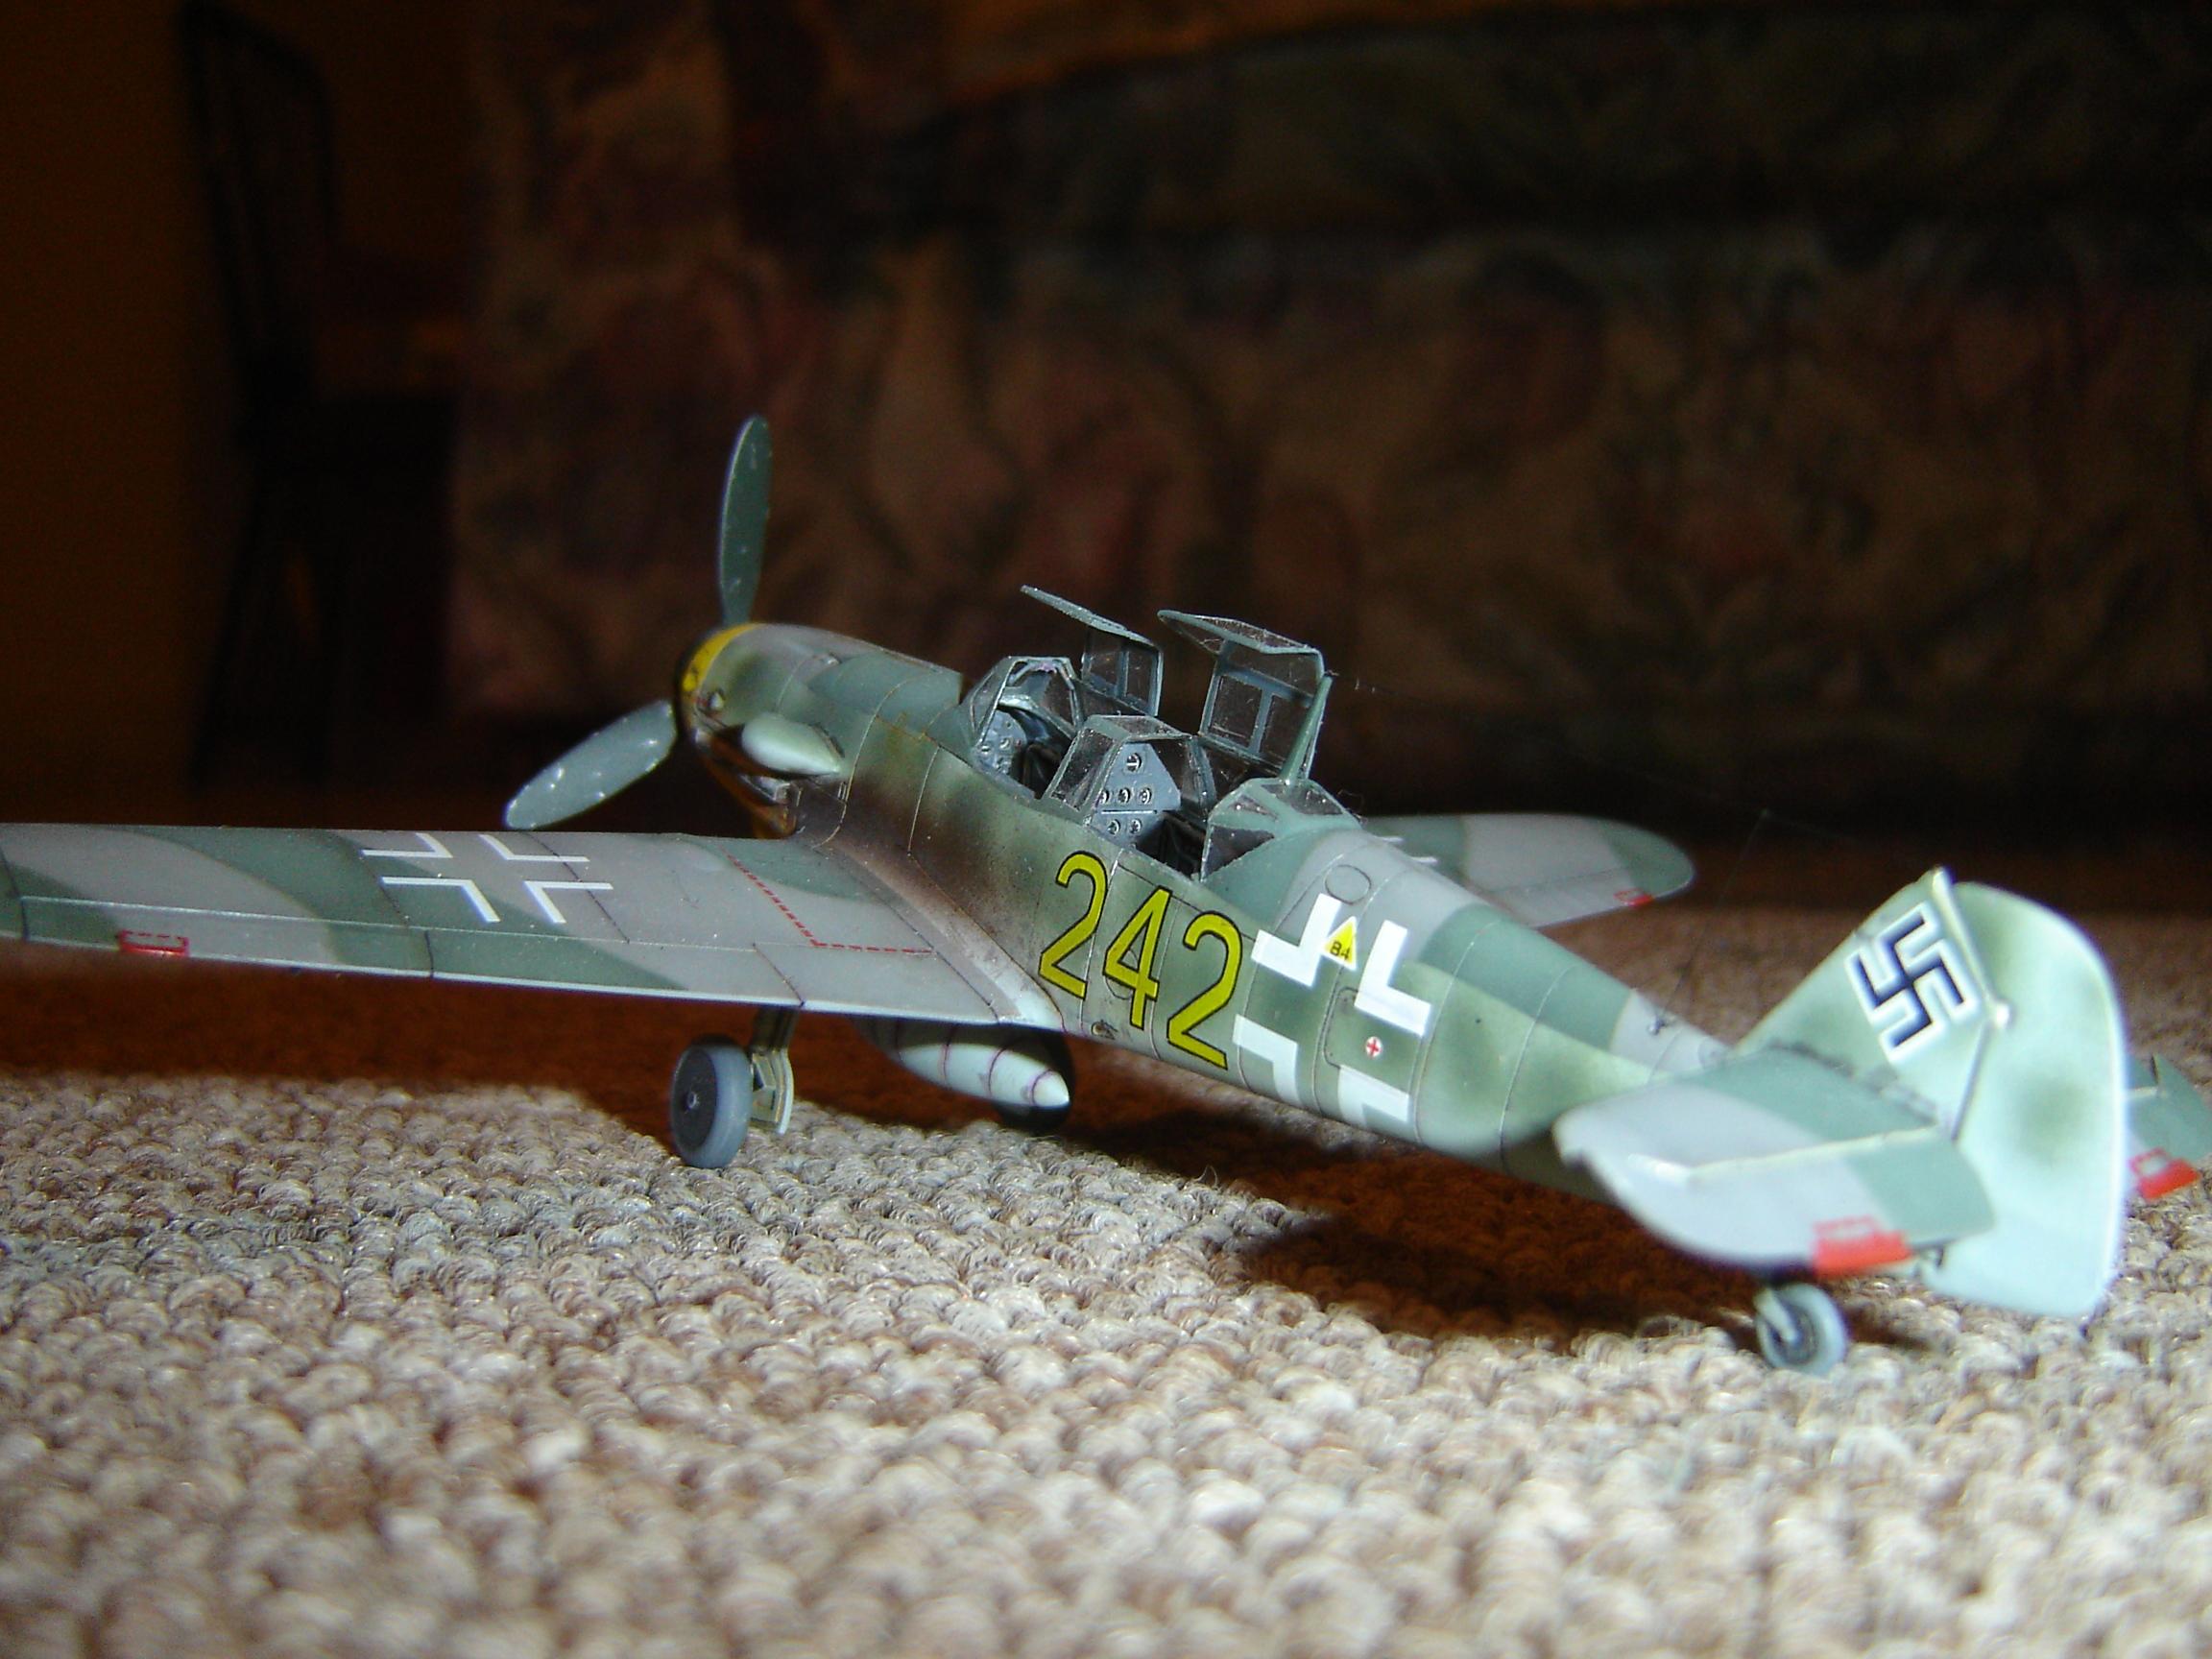 Messhersmitt ME 109 G-12 (11)